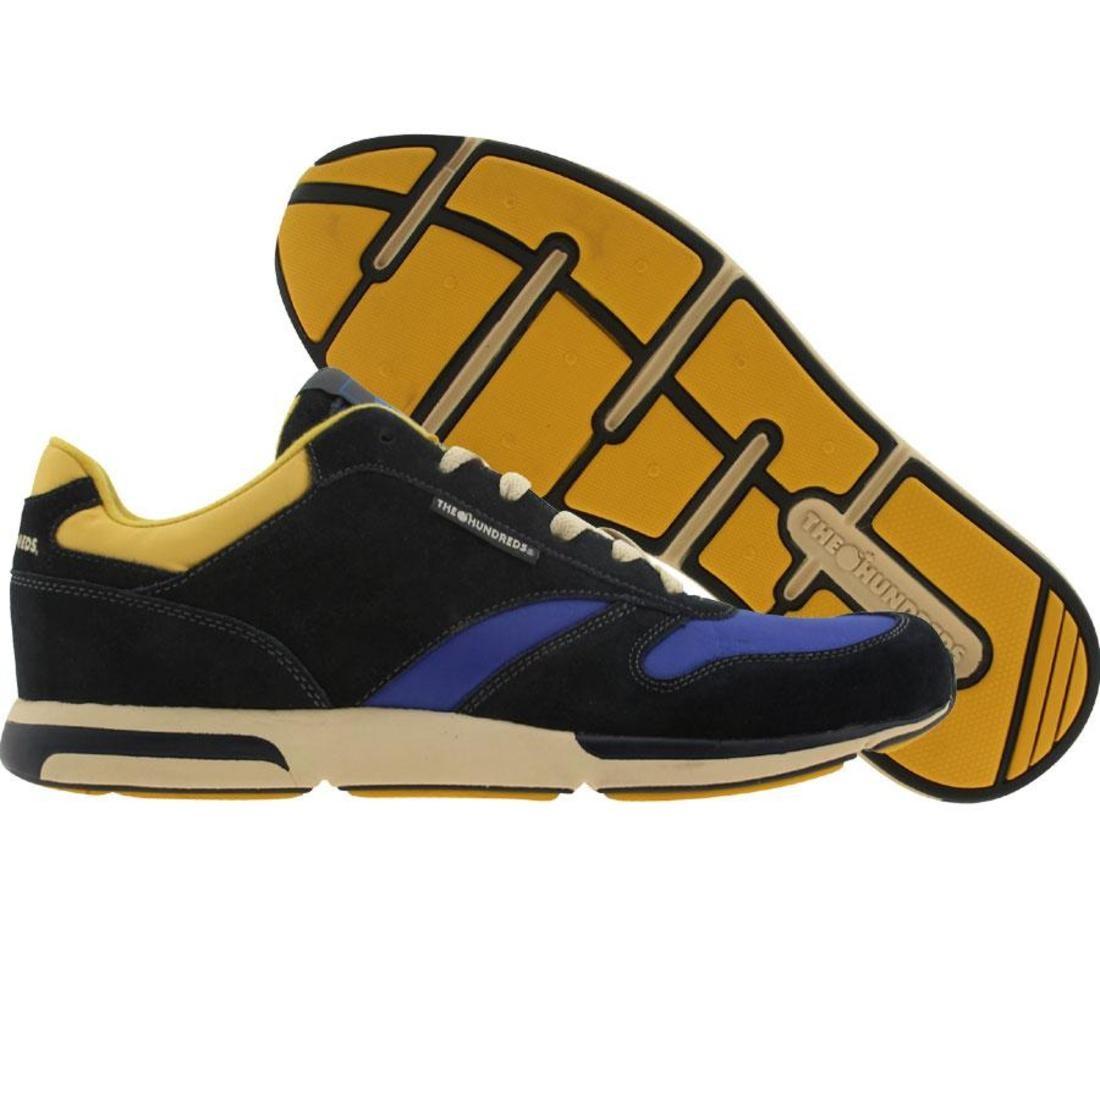 【海外限定】靴 メンズ靴 【 THE HUNDREDS SCULLY NAVY YELLOW 】